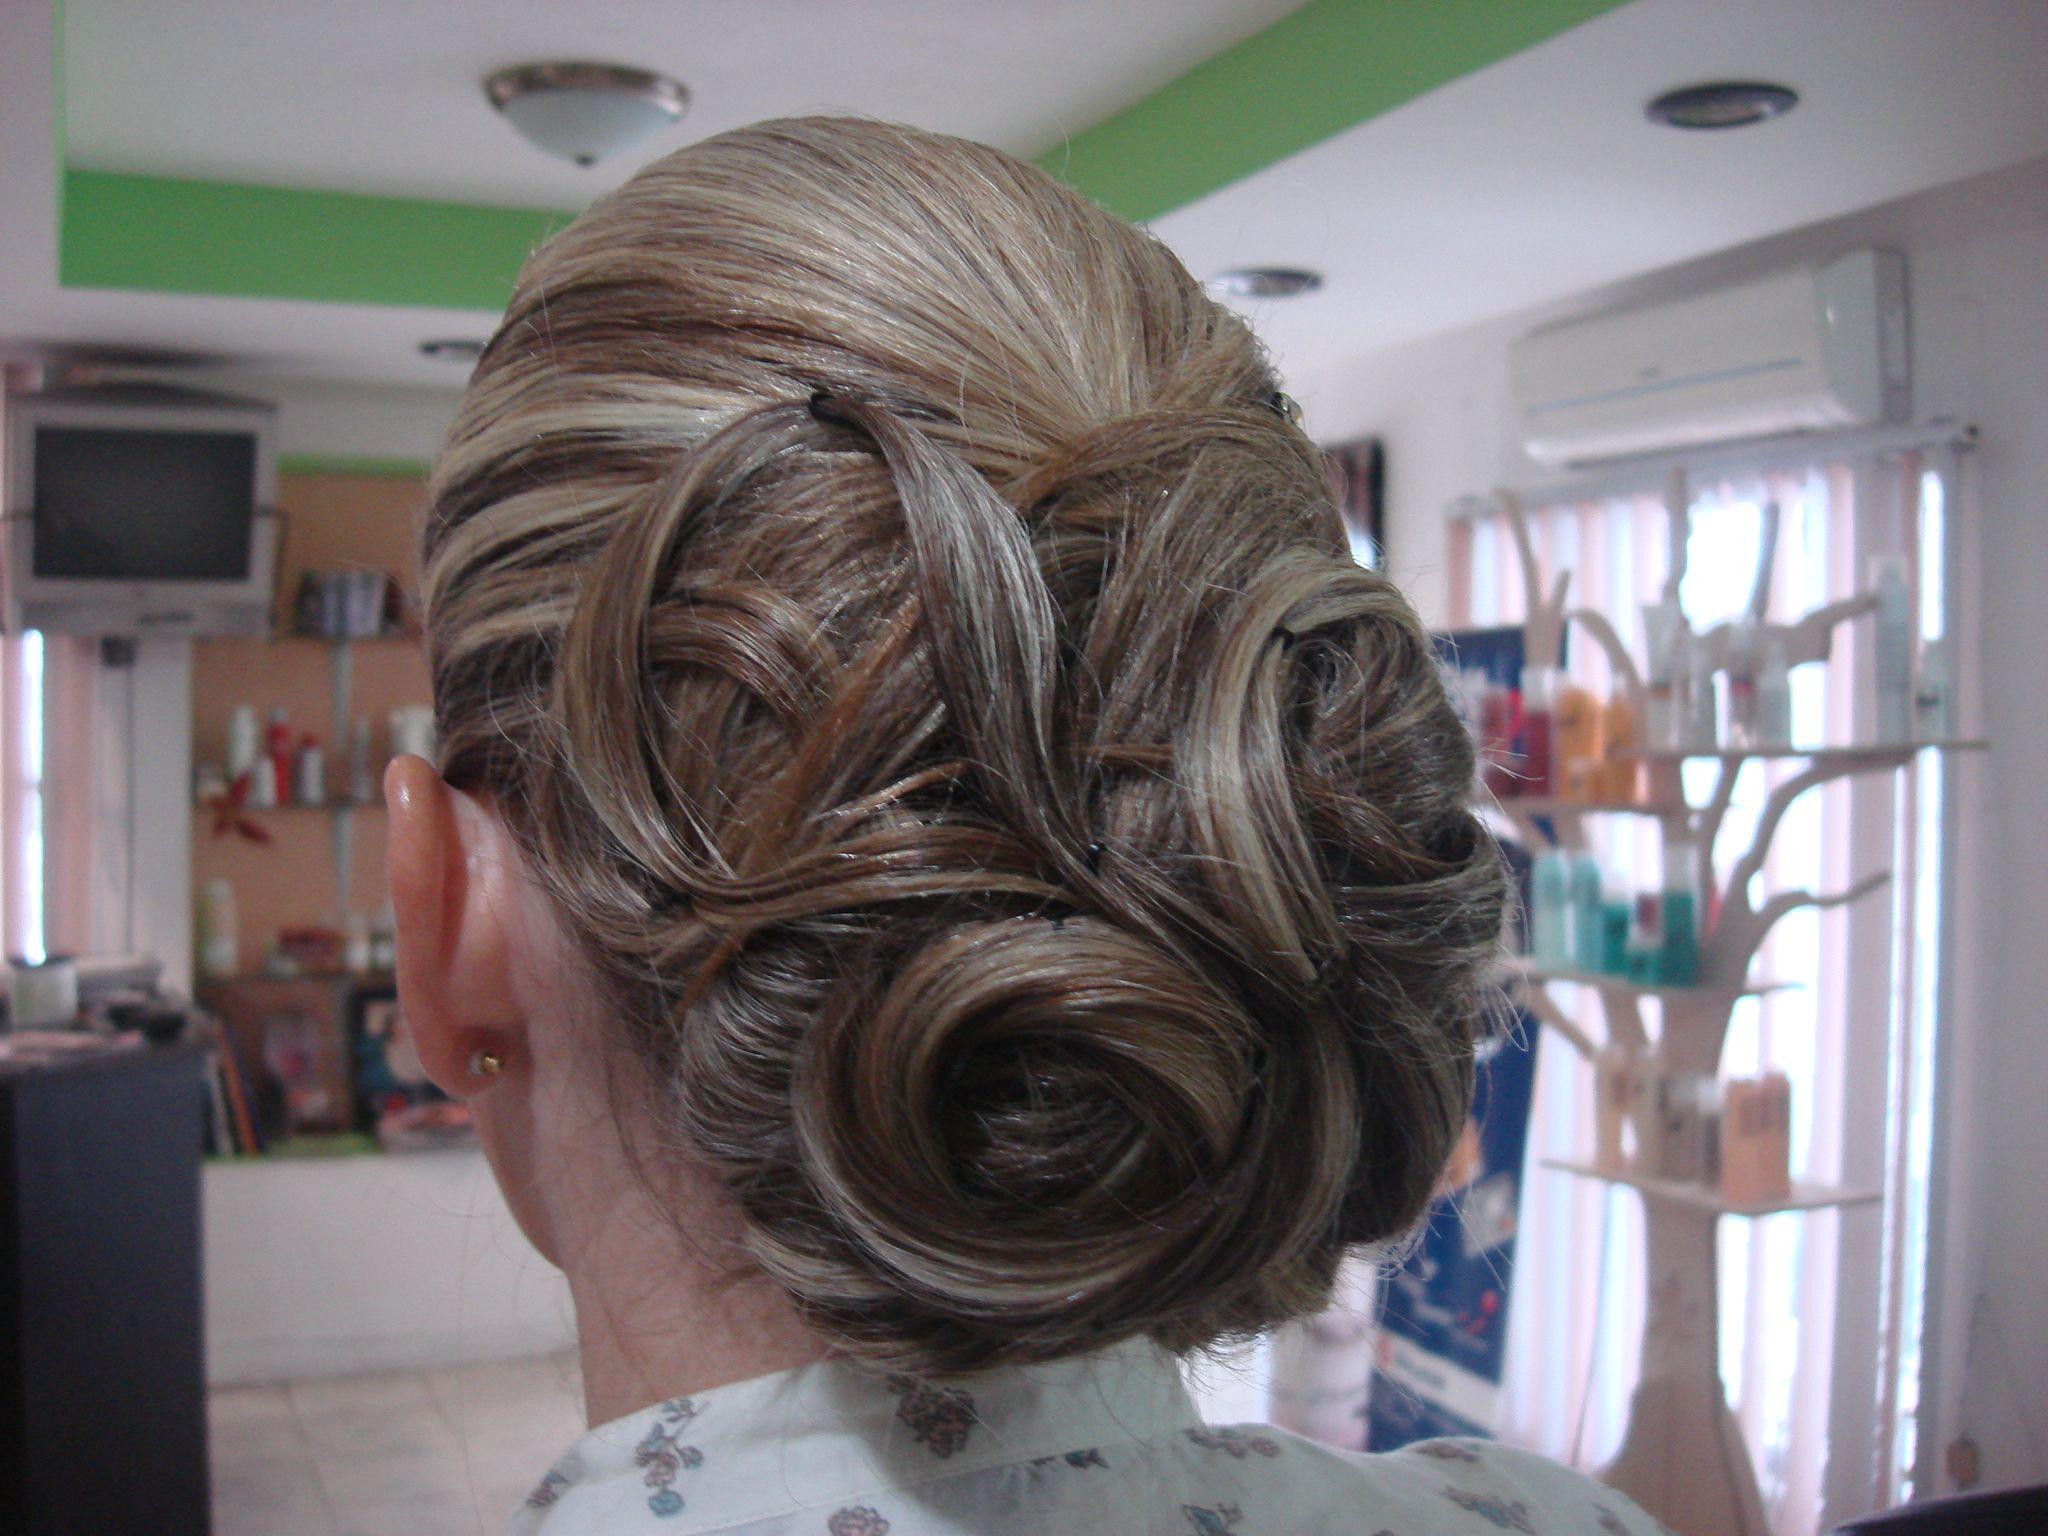 Peinado chongo para una fiesta de noche salon de belleza - Peinados de fiesta ...